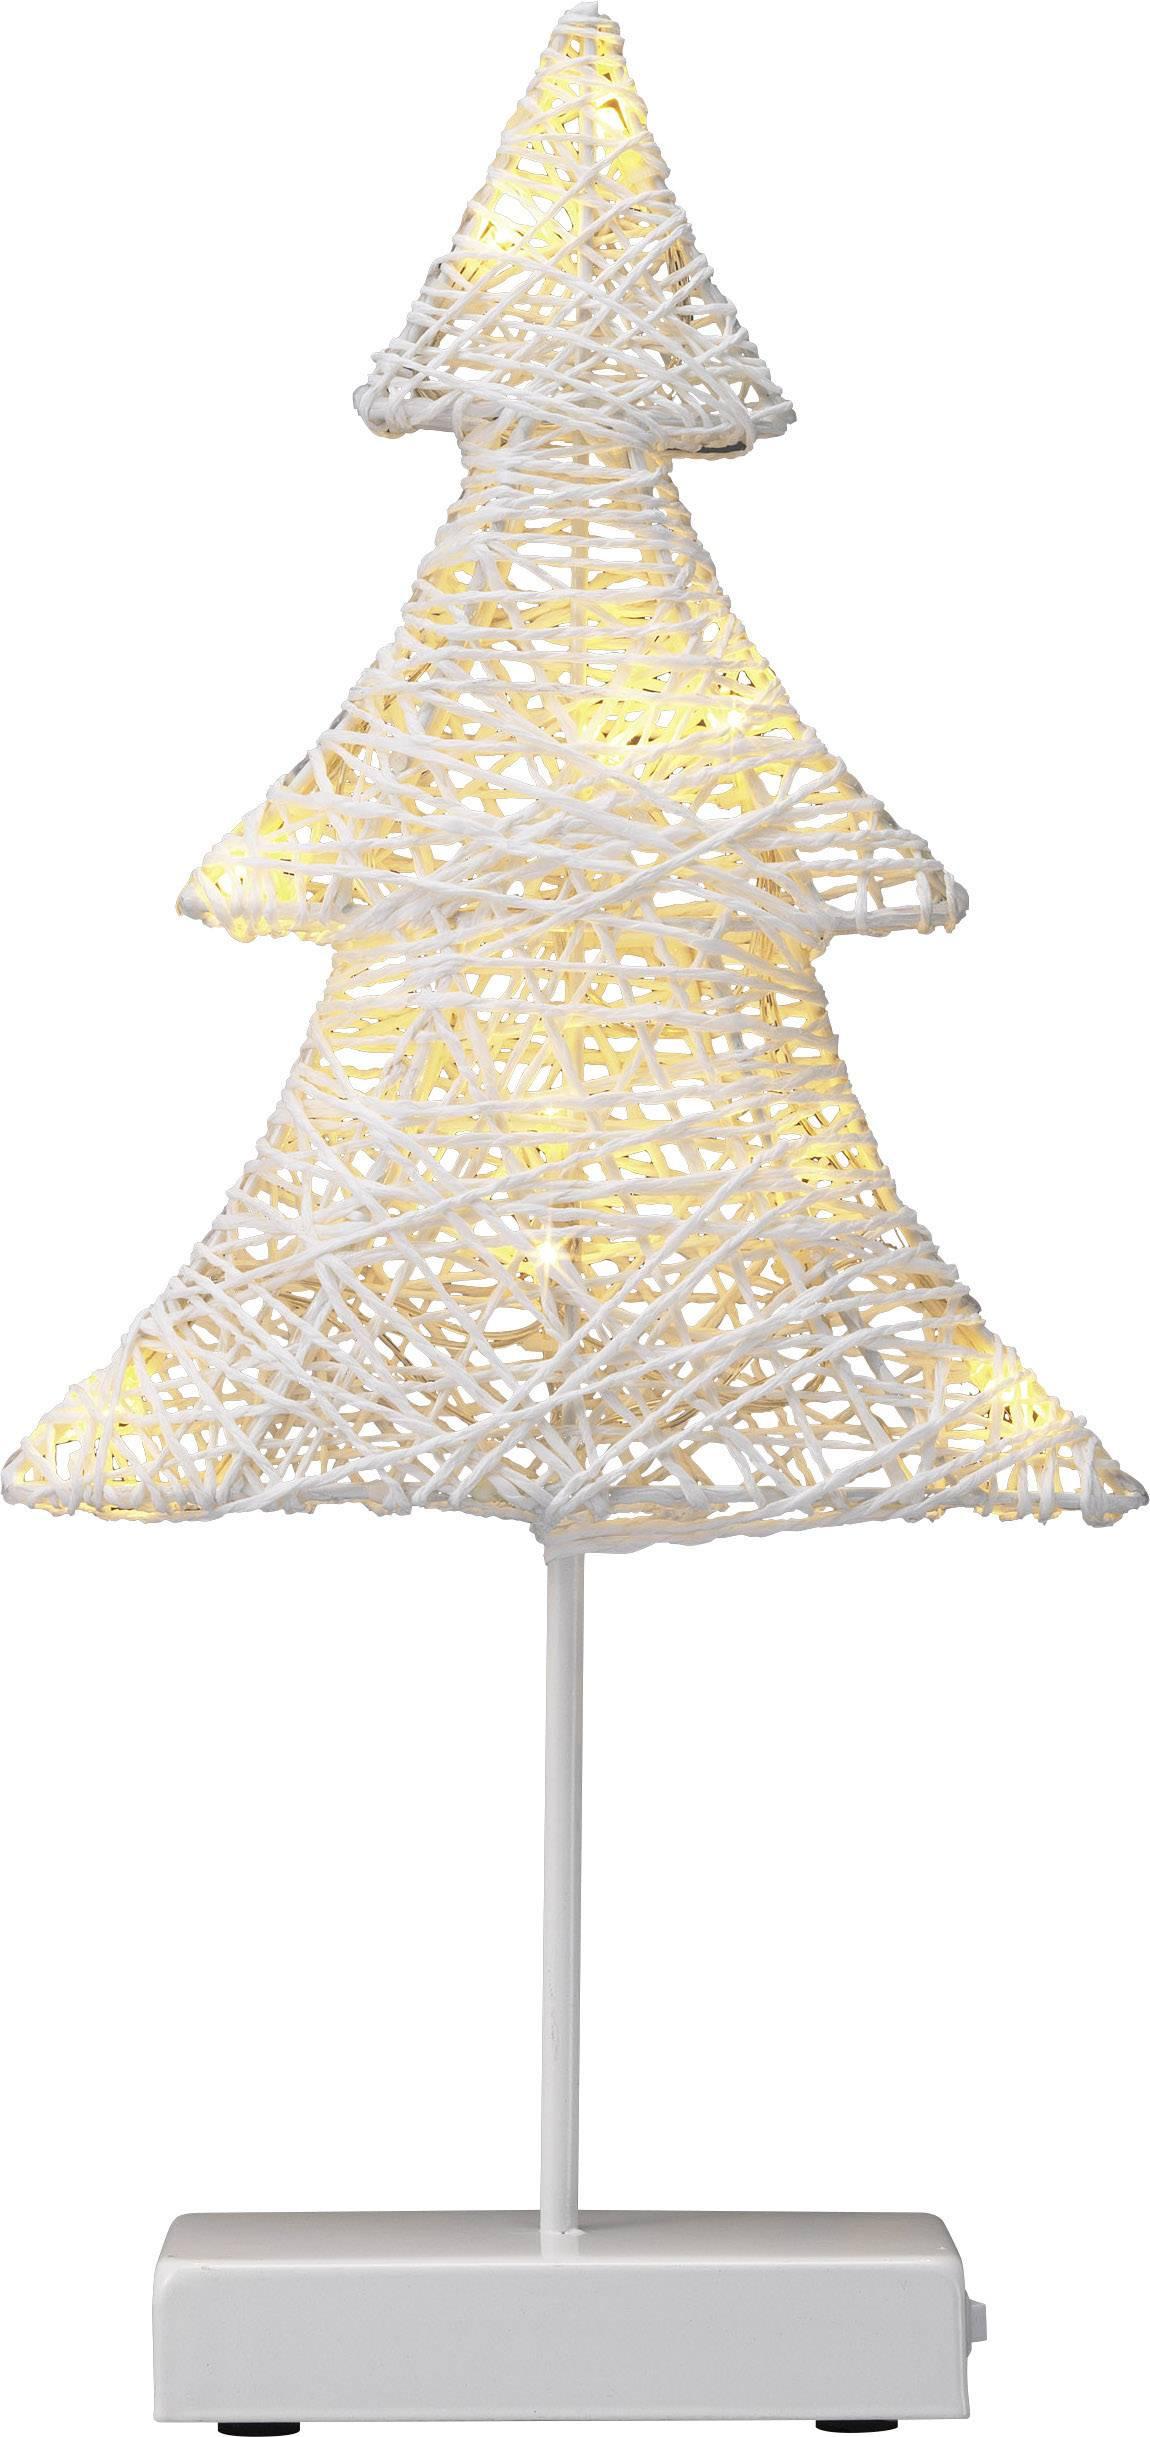 Vianočný stromček LED vianočná dekorácia Polarlite LBA-51-005, biela